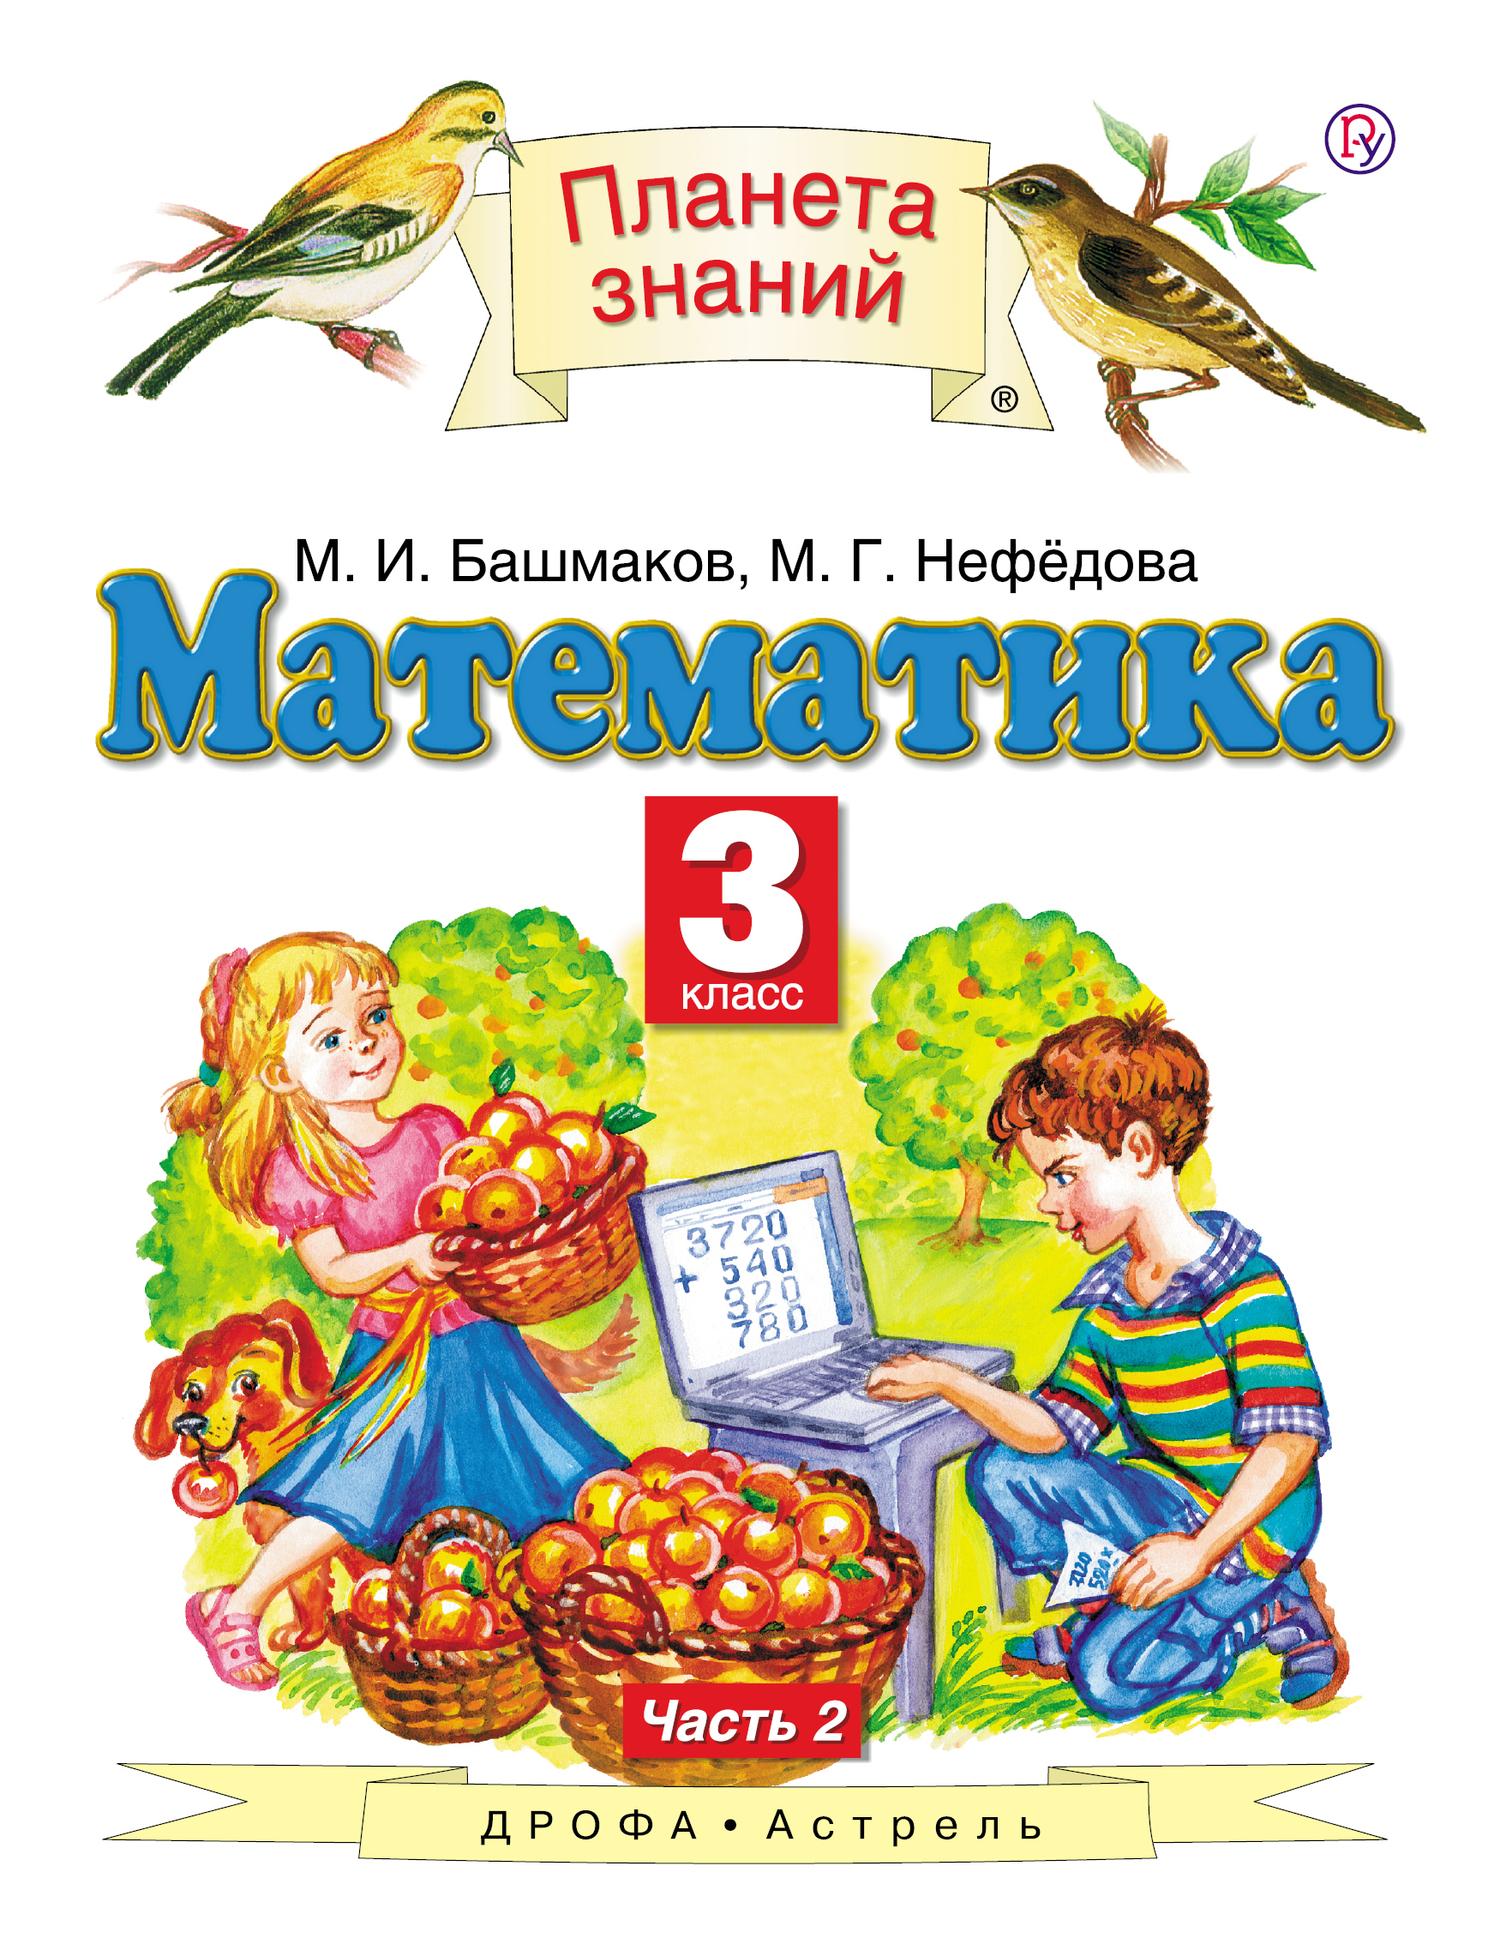 М. И. Башмаков Математика. 3 класс. Часть 2 ISBN: 978-5-271-33020-9, 978-5-271-33244-9, 978-5-358-17297-5 алексей фомичев побочный эффект isbn 978 5 271 45478 3